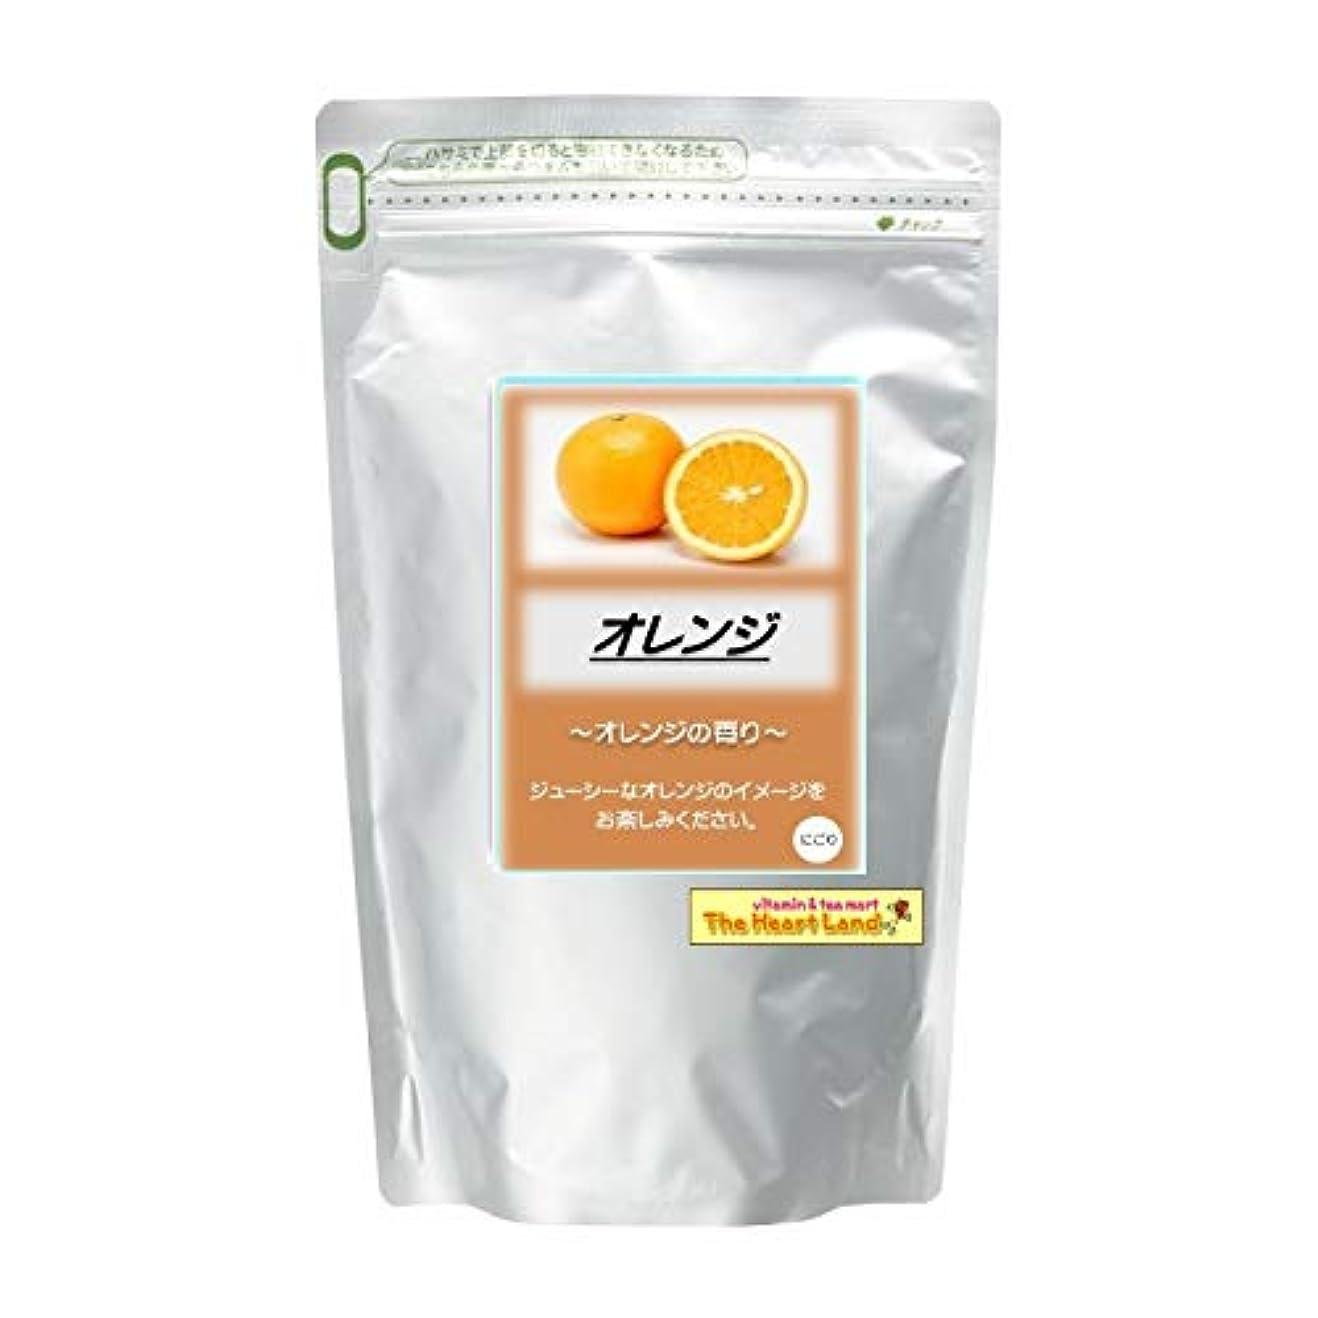 伝染病討論洗練アサヒ入浴剤 浴用入浴化粧品 オレンジ 300g